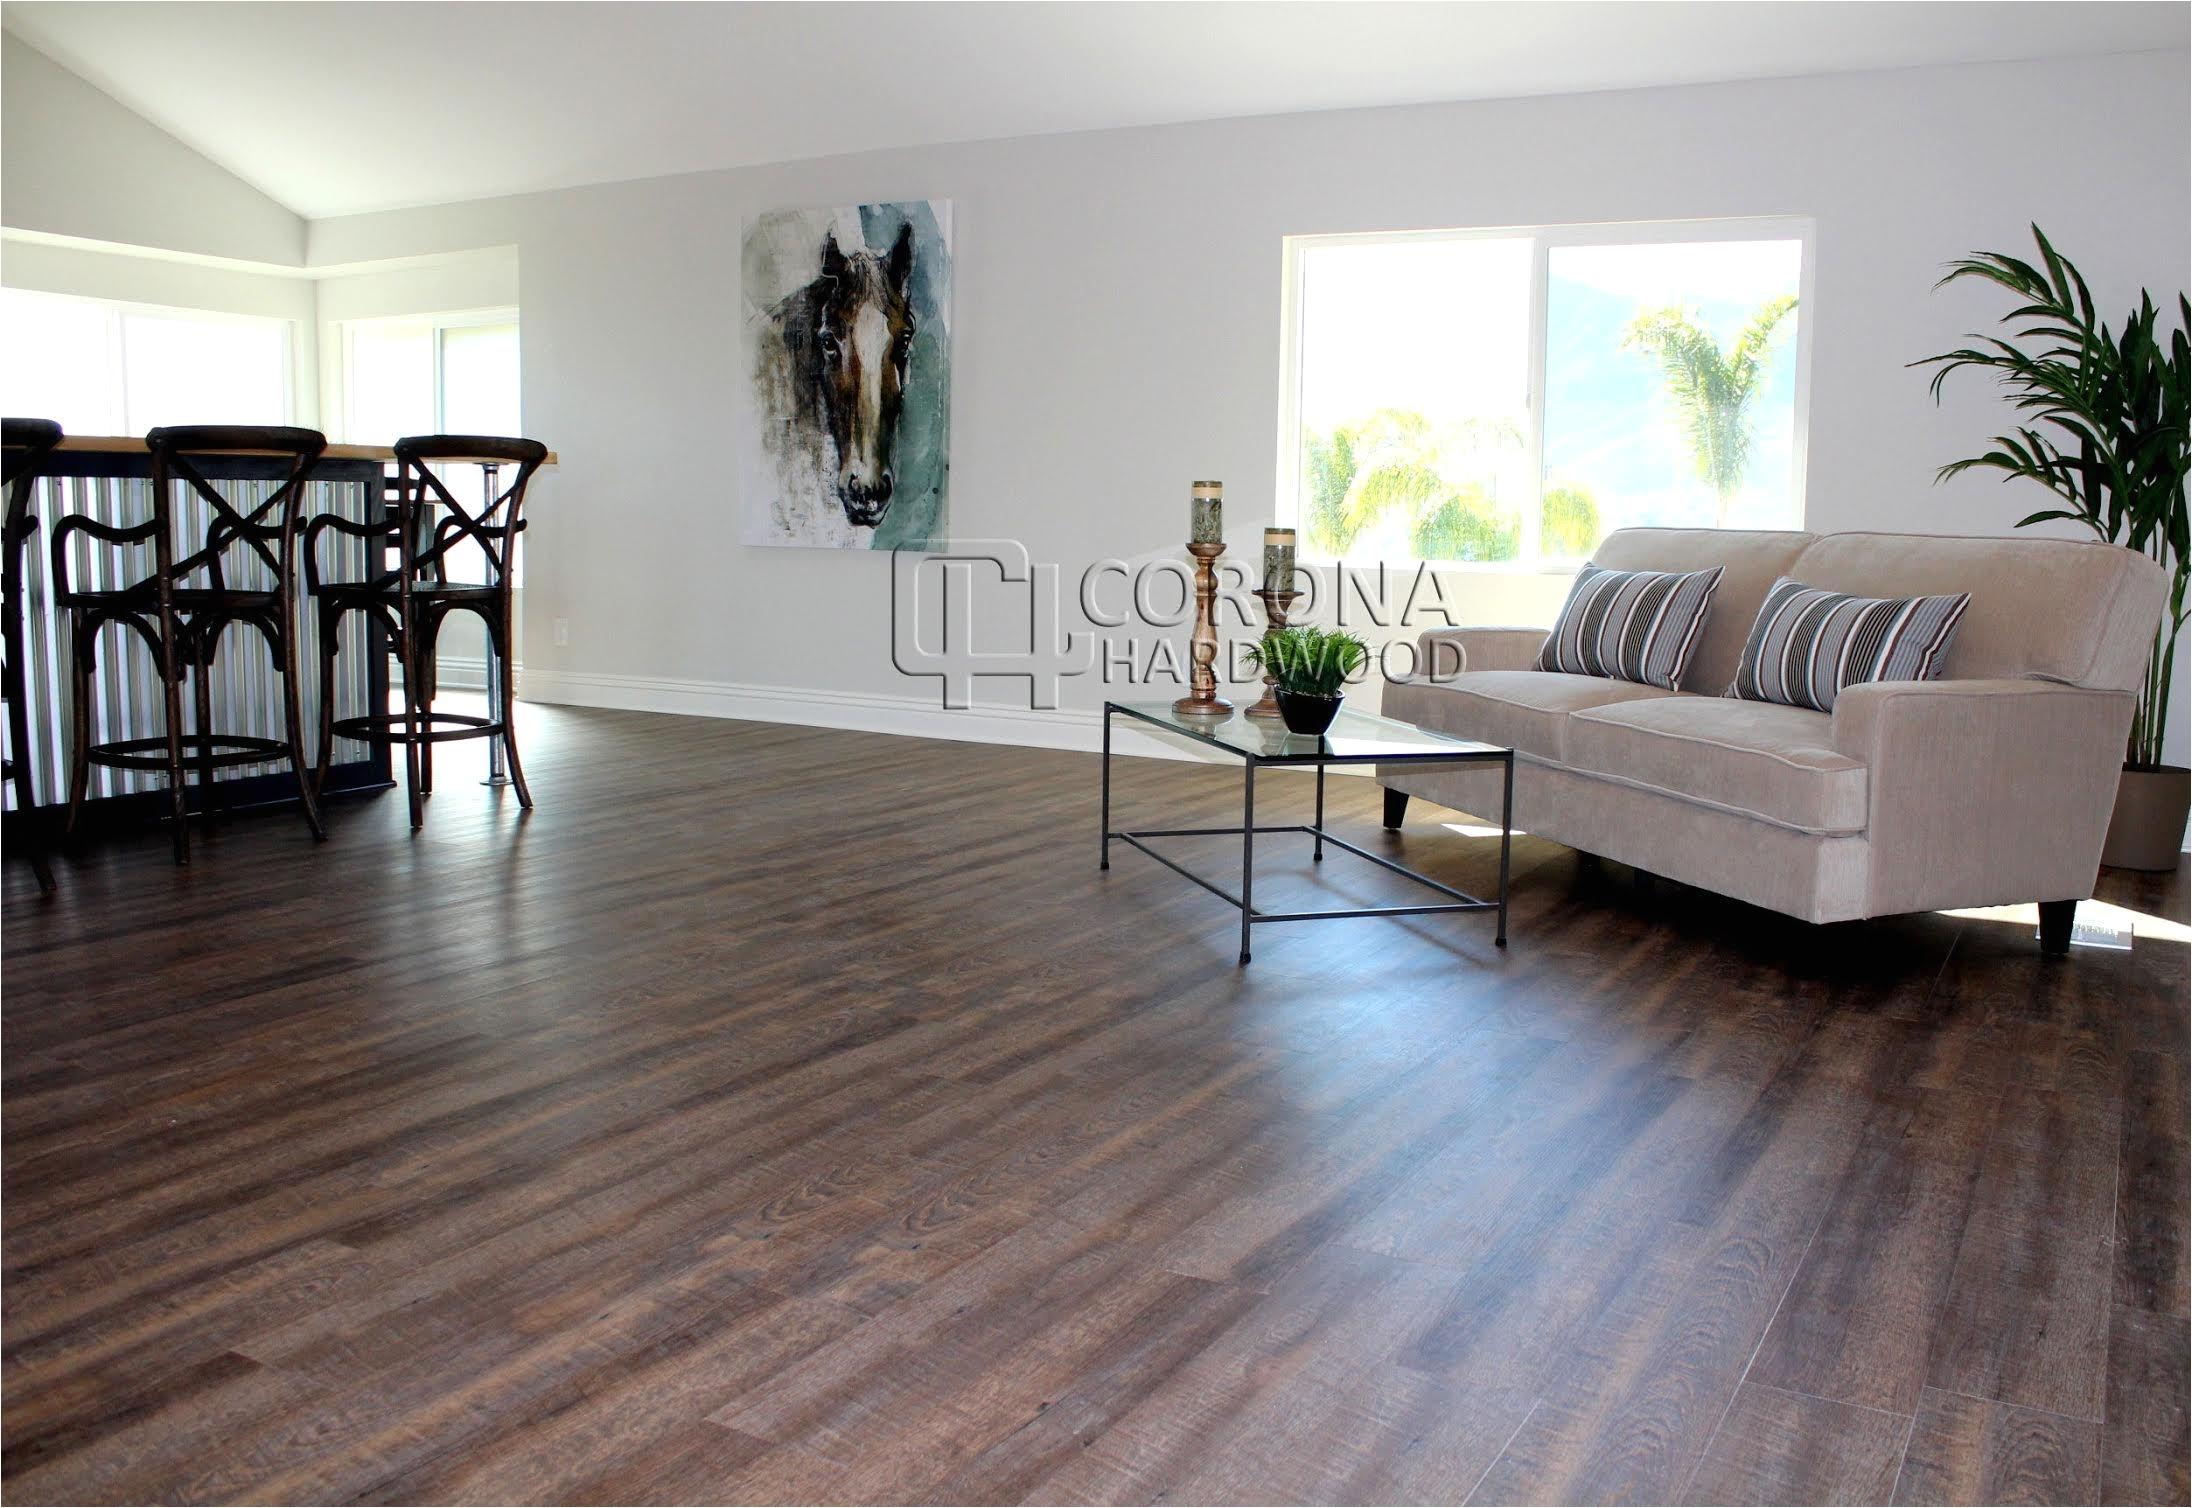 Laminate Flooring Stores Jacksonville Fl Paradigm Par 1223 Our Floor Flooring Pinterest Concrete